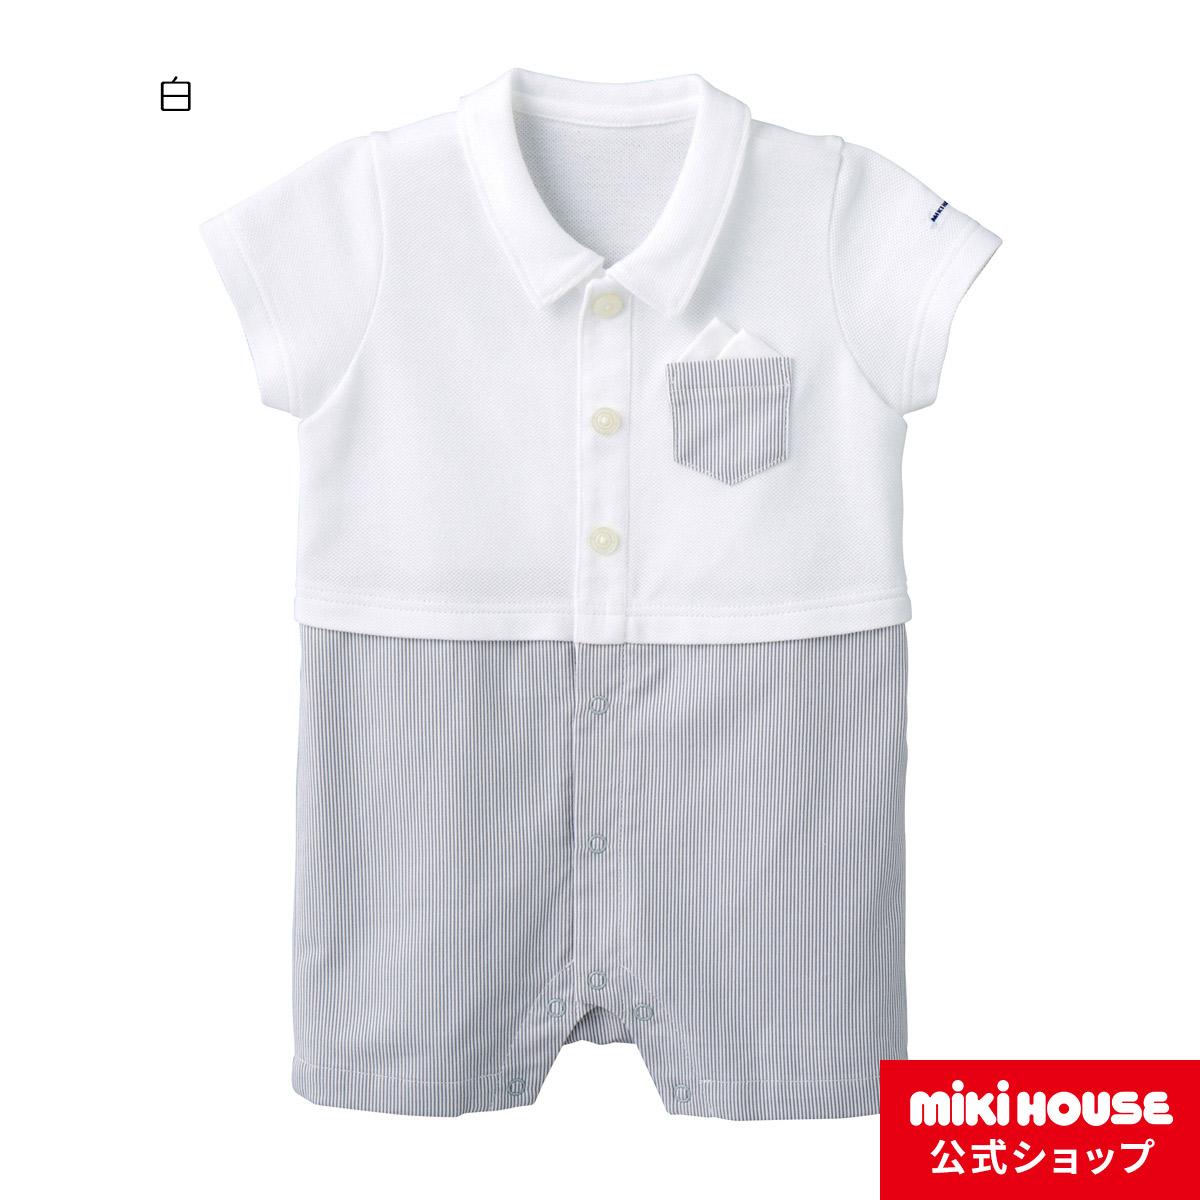 ミキハウス mikihouse ポケットチーフ付きサマーフォーマルショートオール(70cm・80cm) バーゲン